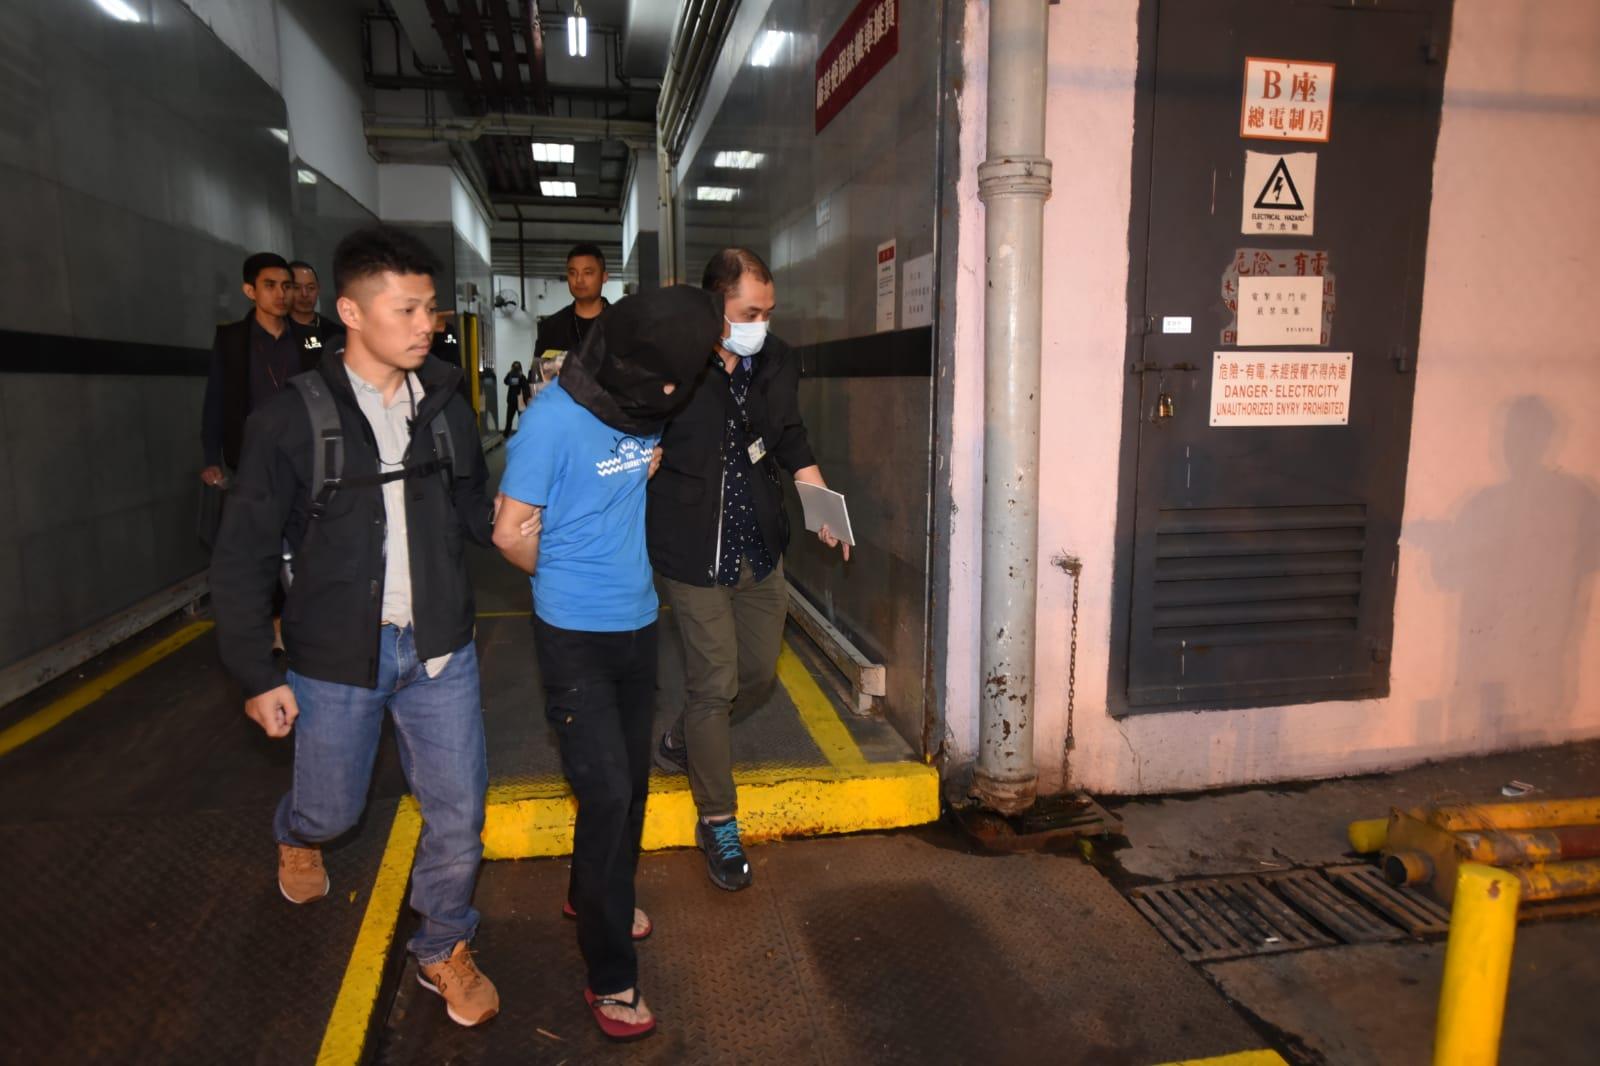 警方重案组拘捕1名男子